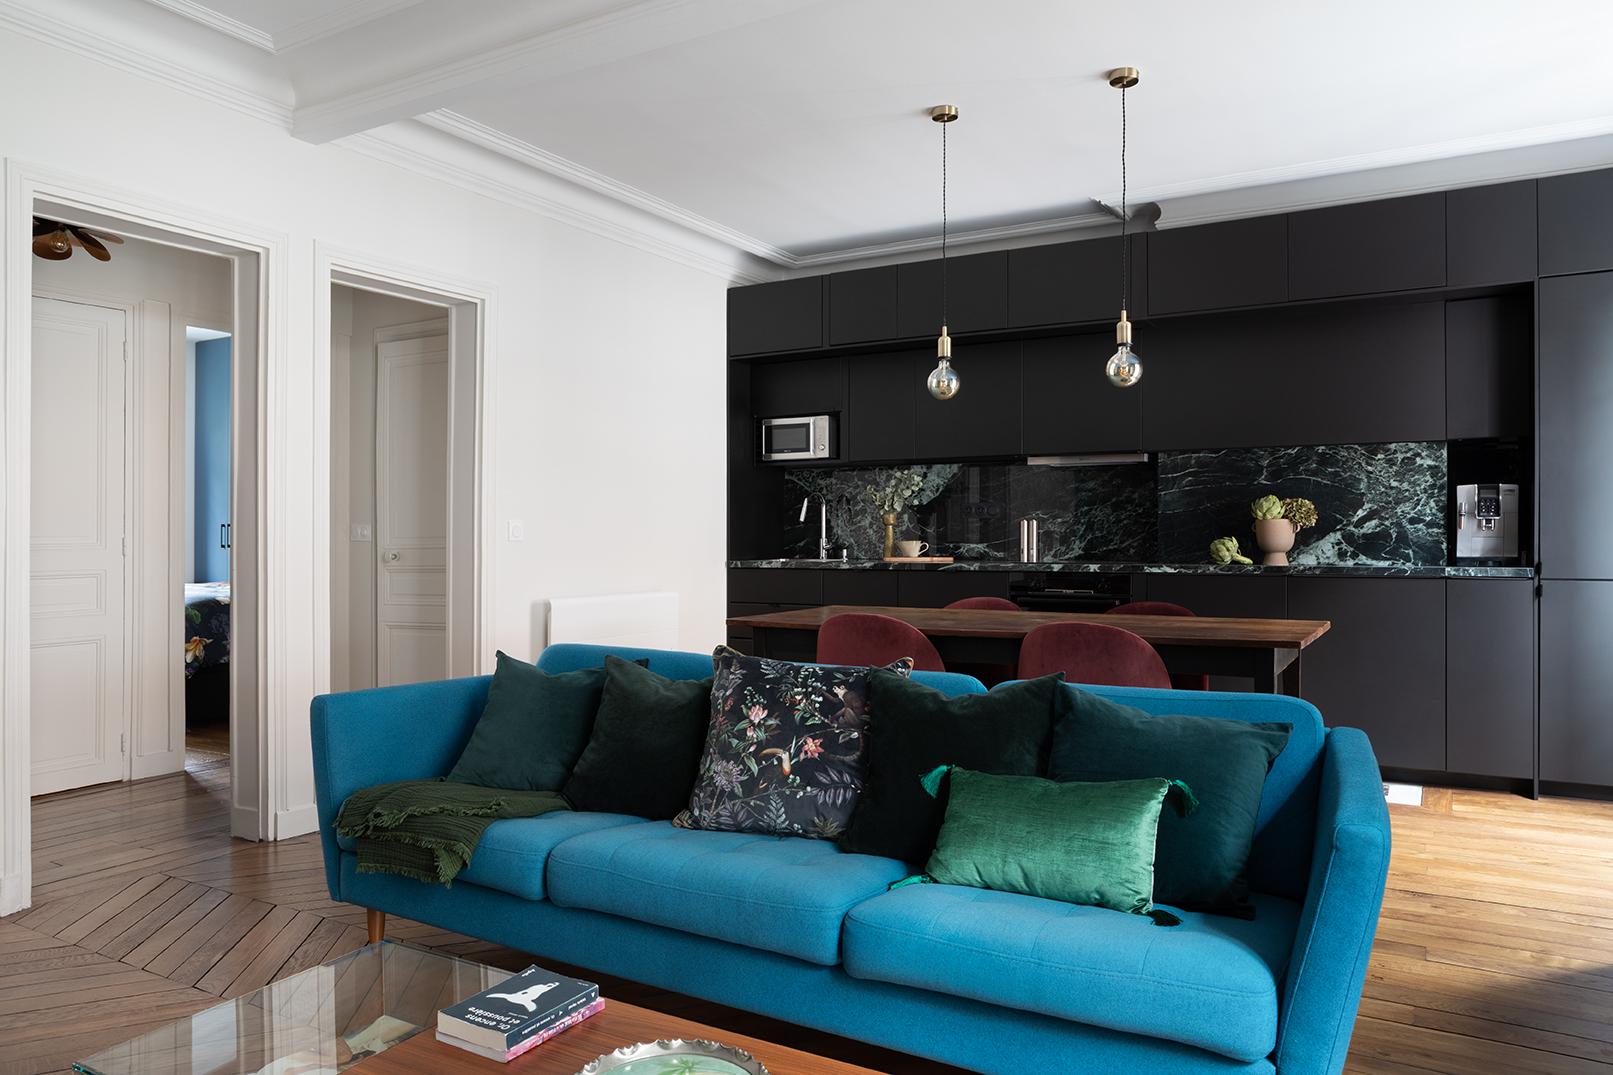 Studio Dallas cuisine noire et marbre, moulures, parquet ancien, appartement parisien